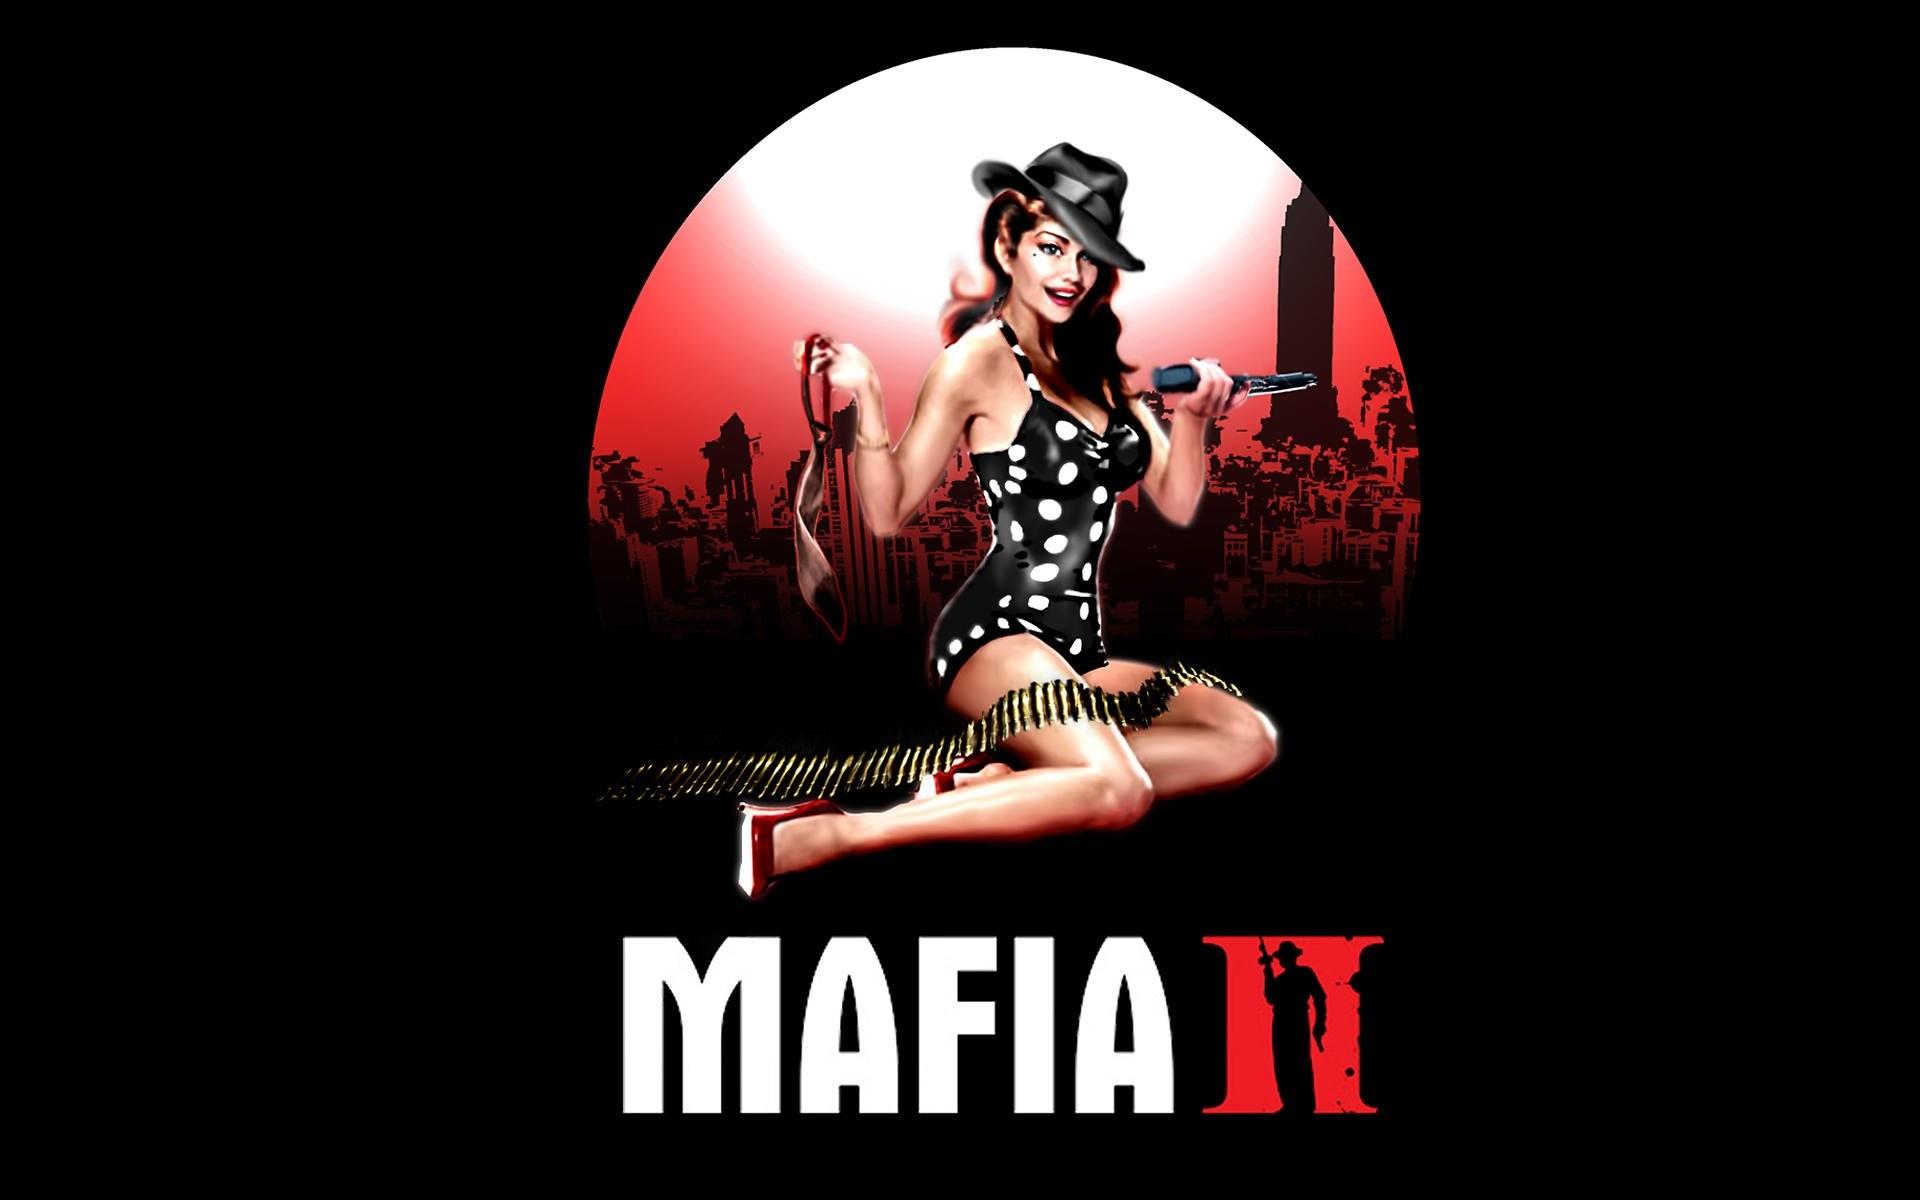 Mafia 2 Title